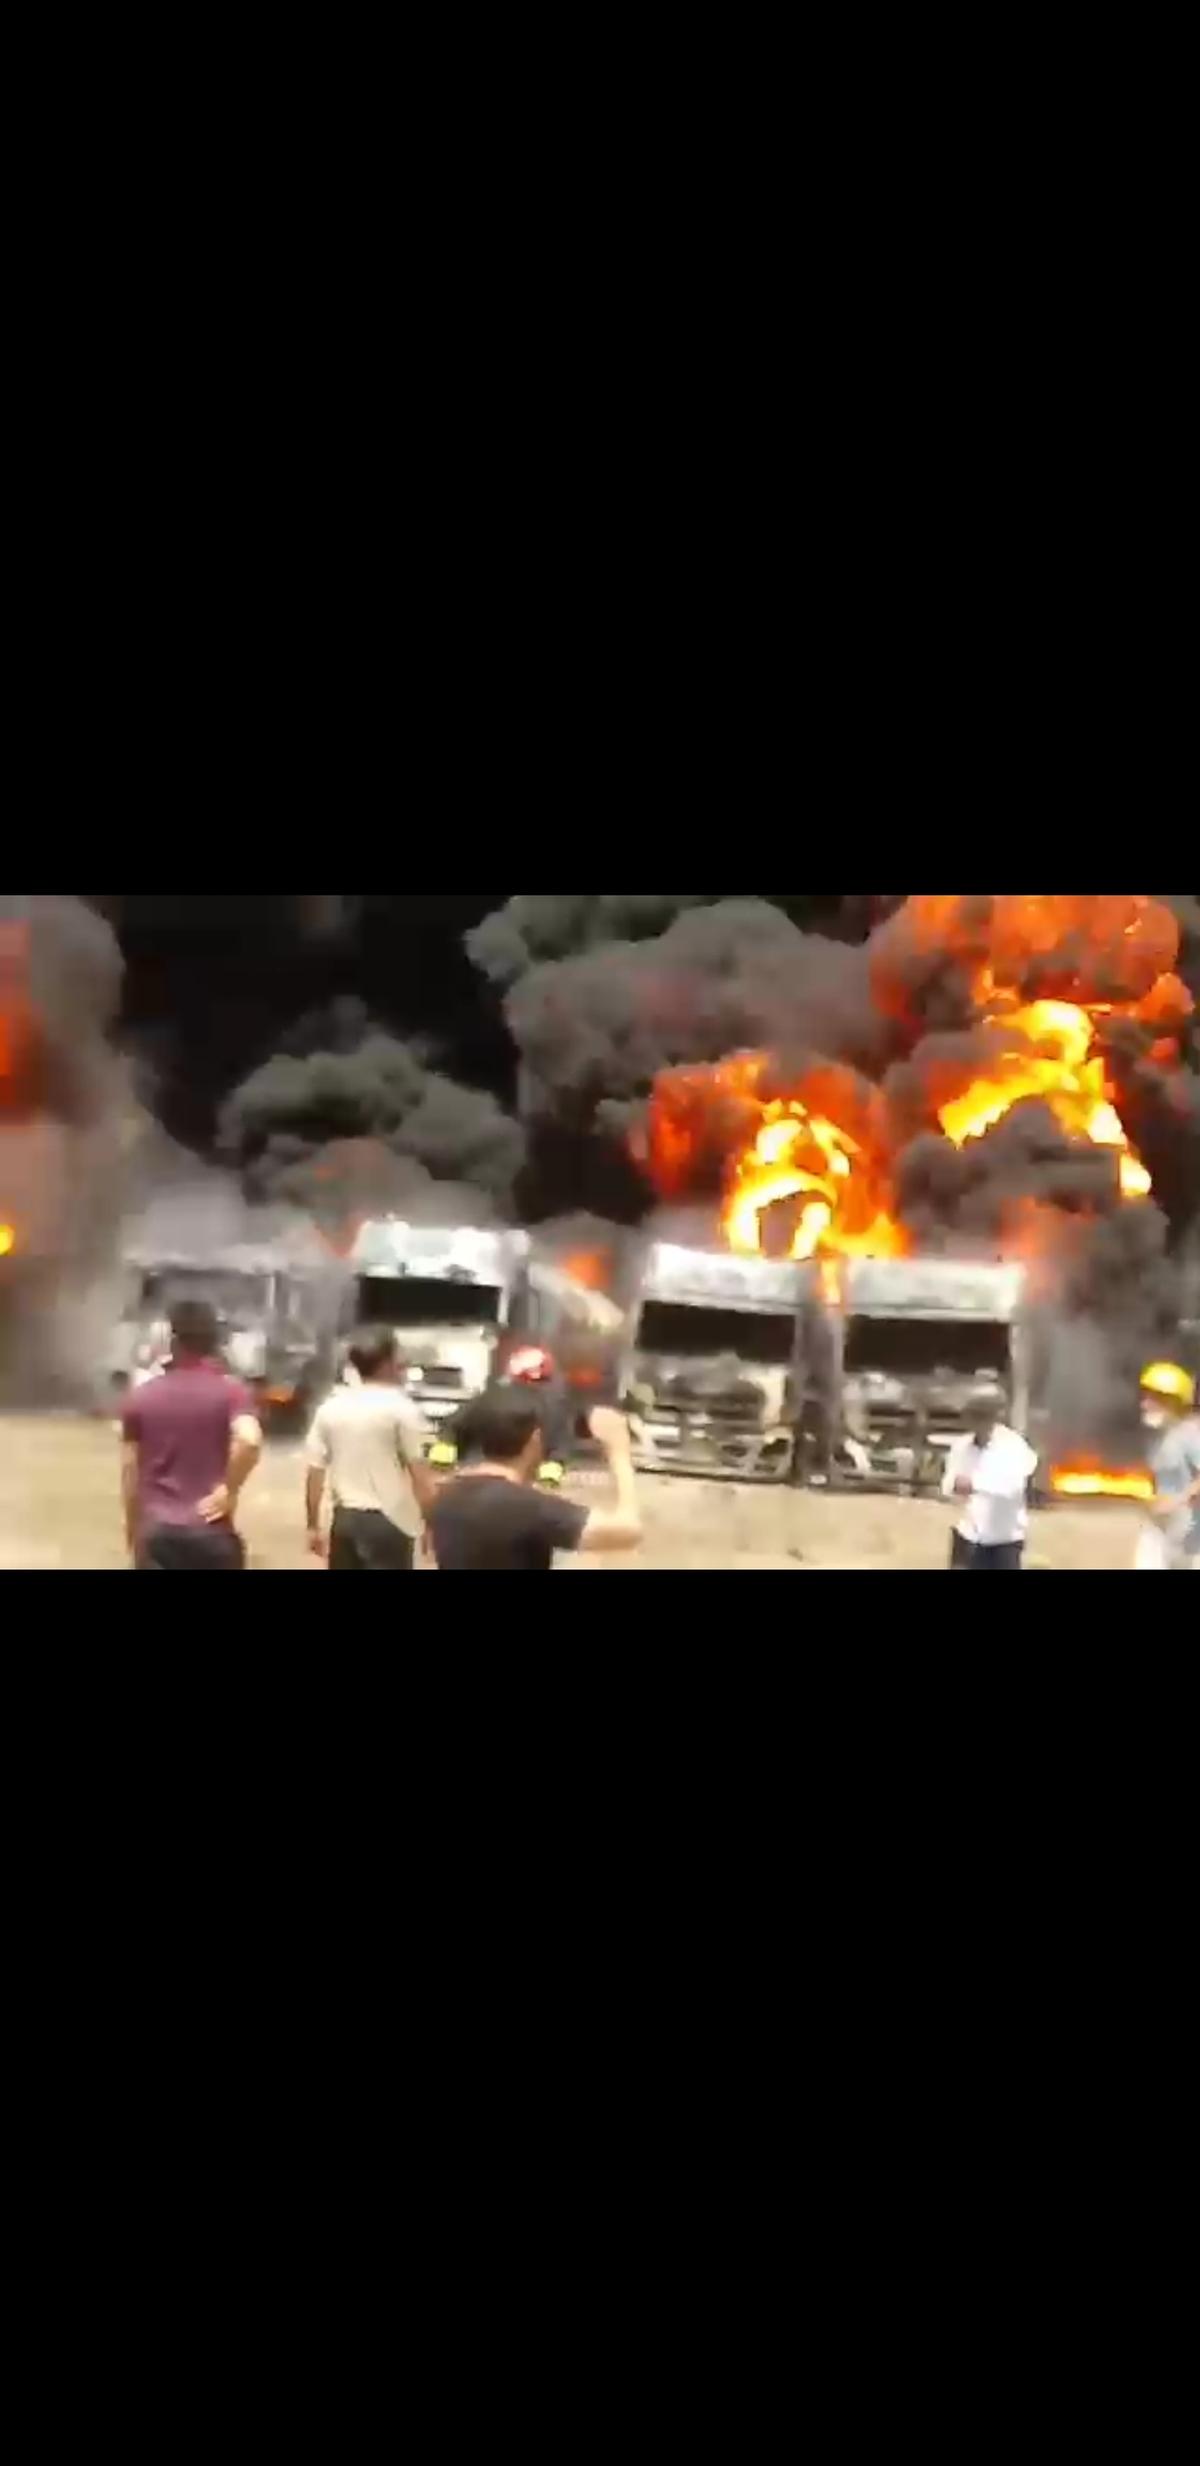 آتش سوزی گسترده در دولت آباد کرمانشاه + ویدئو